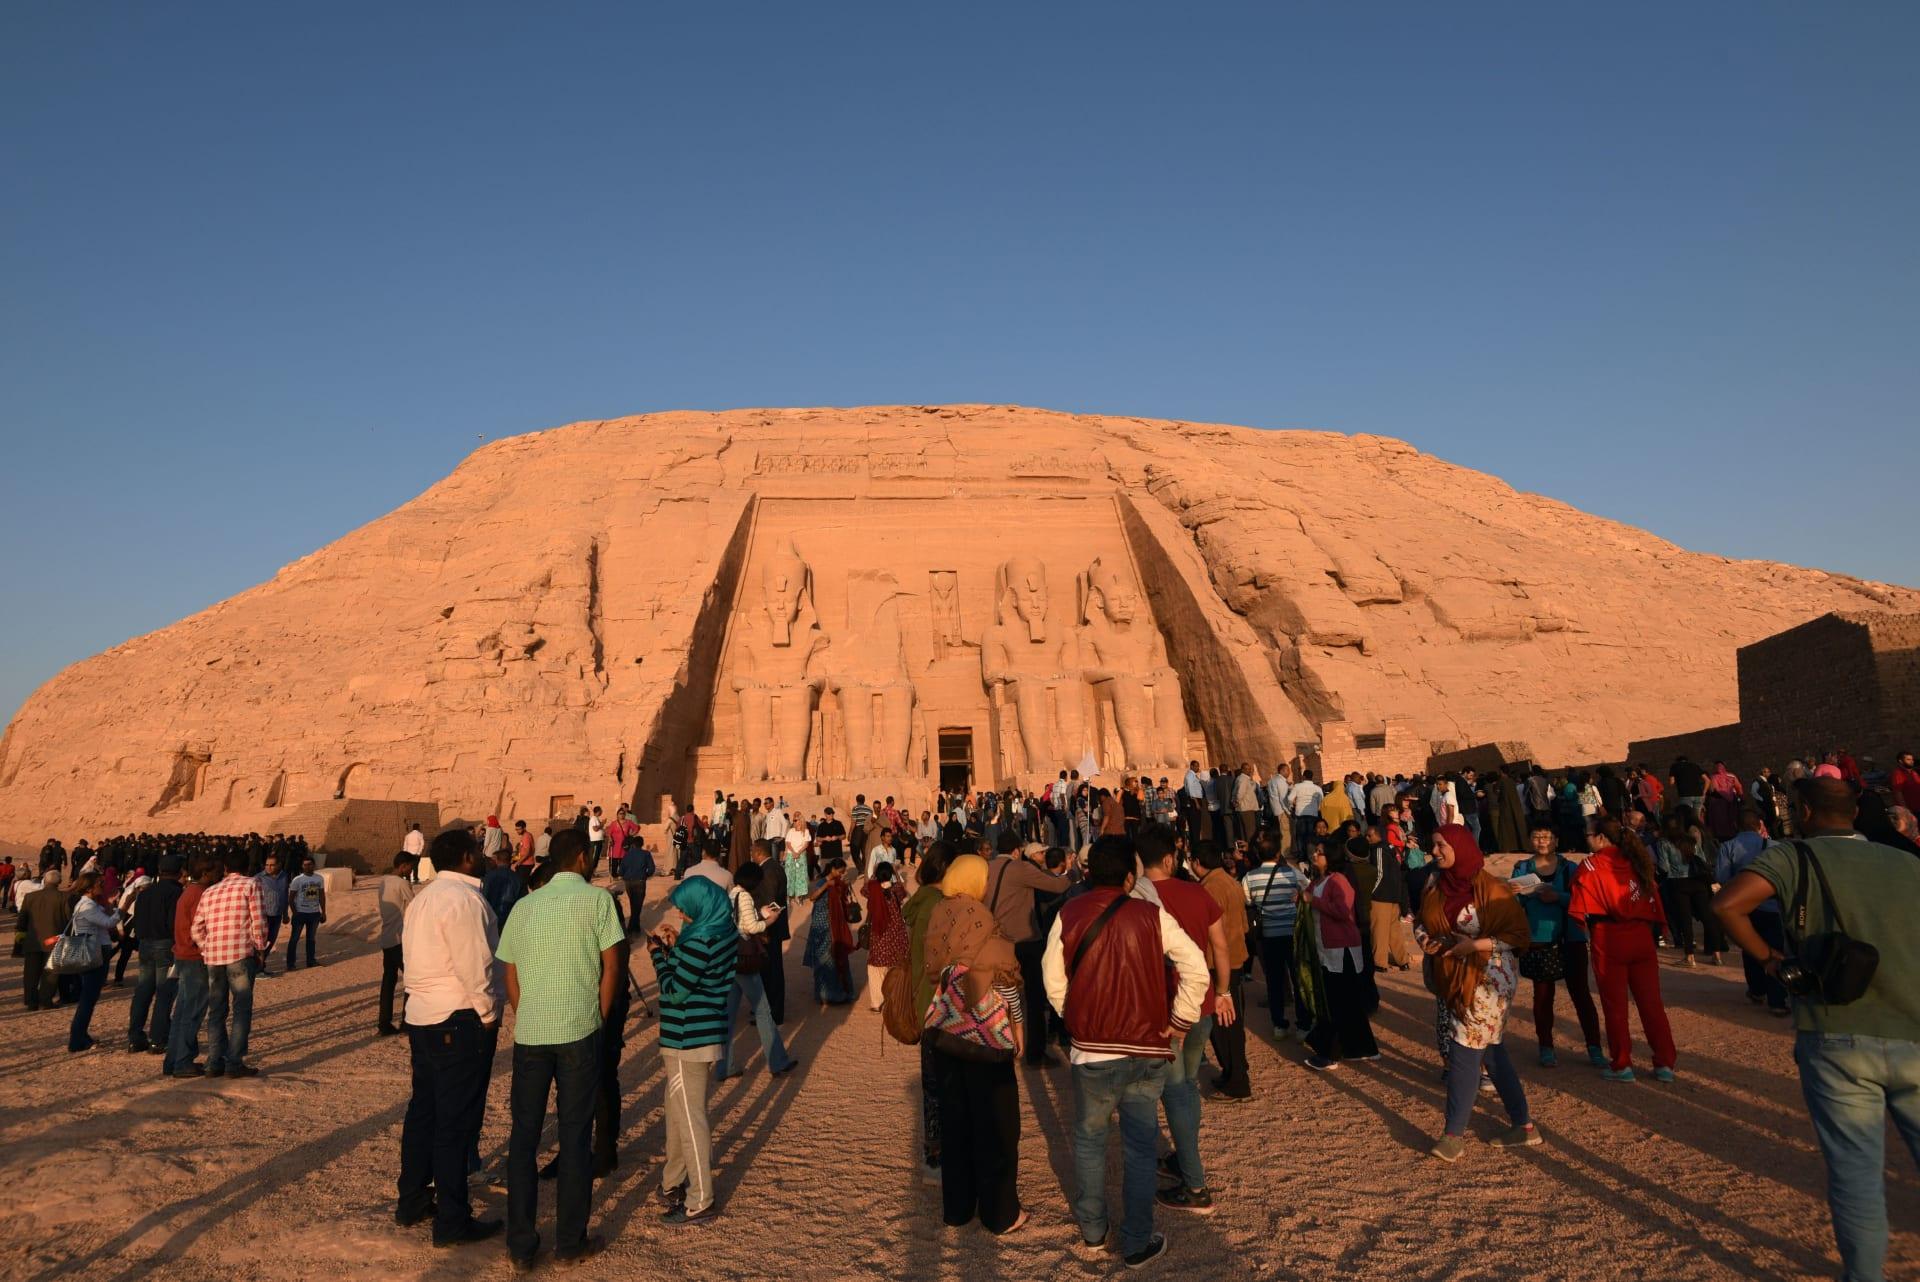 تحدث مرتين بالعام.. الشمس تتعامد على وجه الملك رمسيس بمعبد أبو سمبل